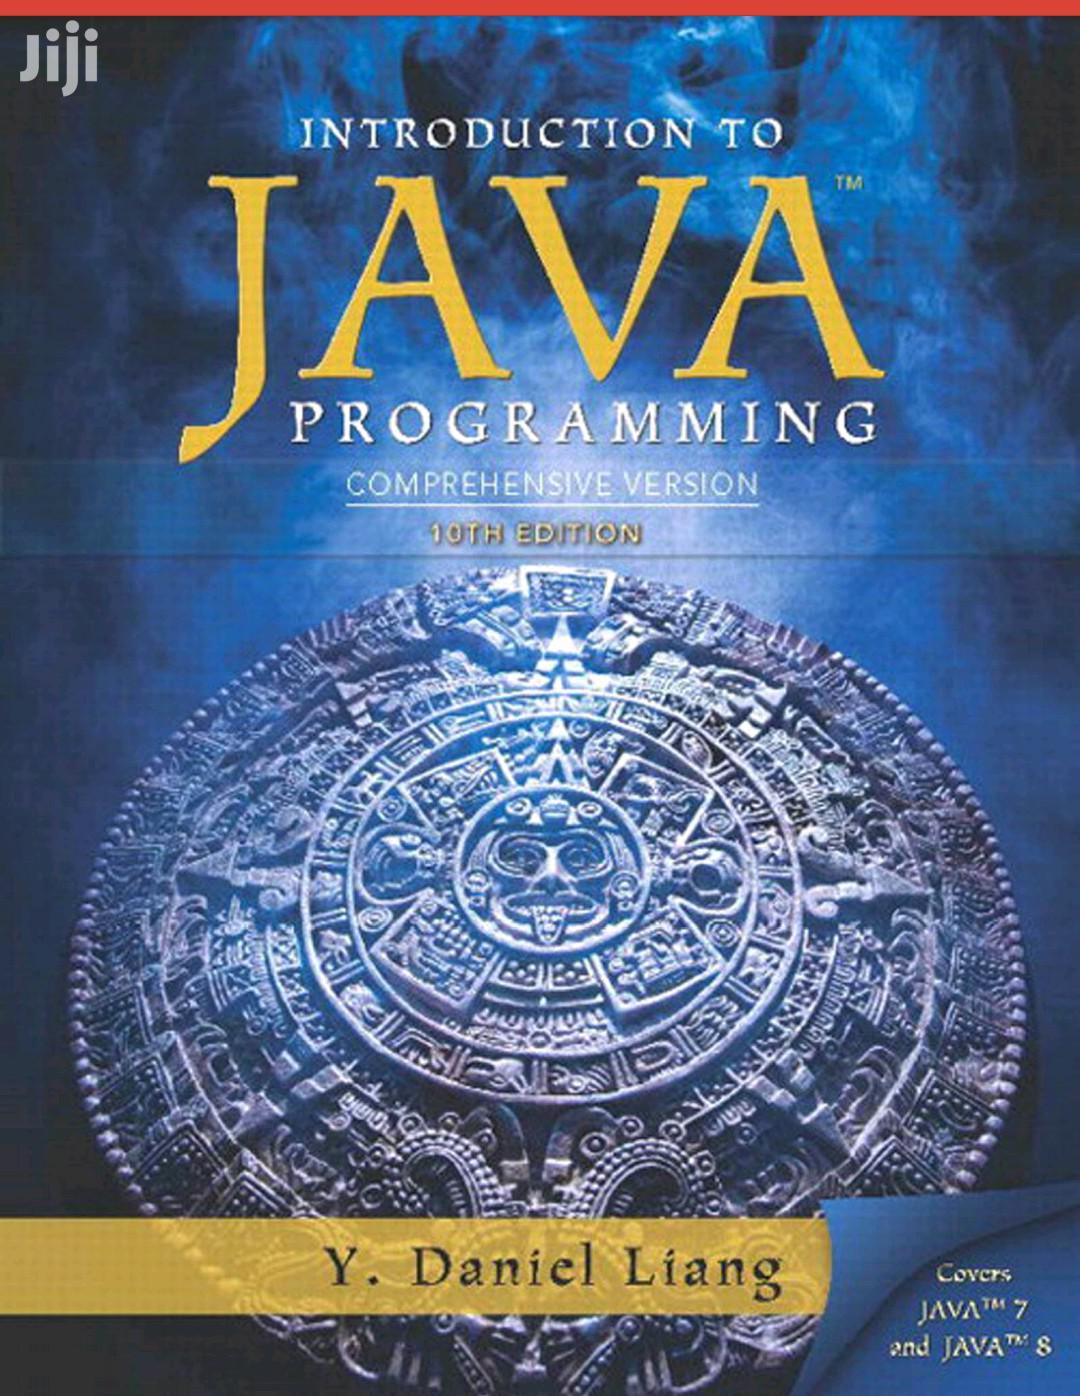 Archive: Java E-Books